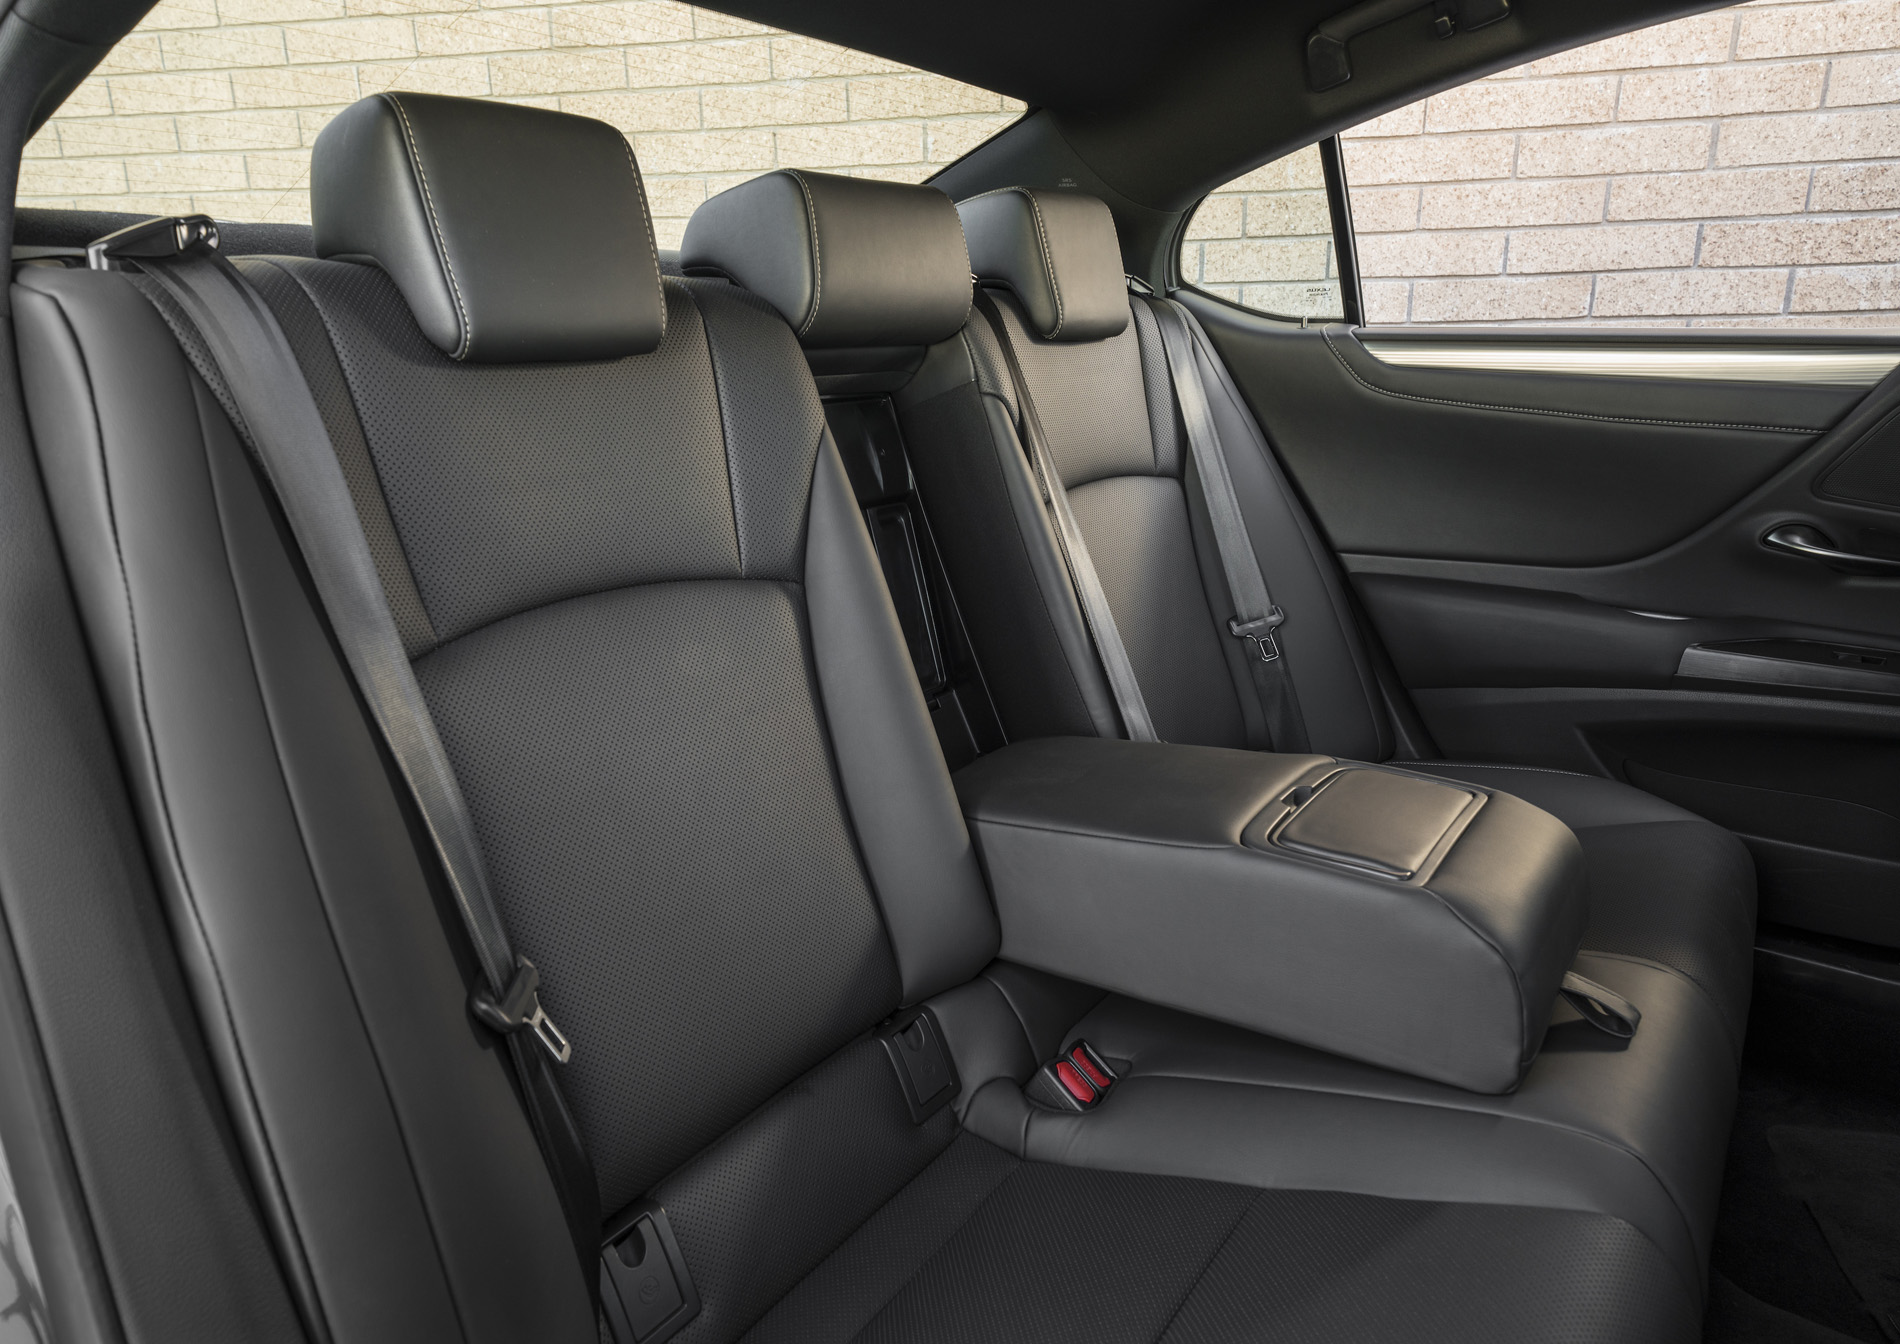 2020_Lexus_ES_030_4B12CAFB0DAC4B87BCED3364FEC0C8FAA049CB23